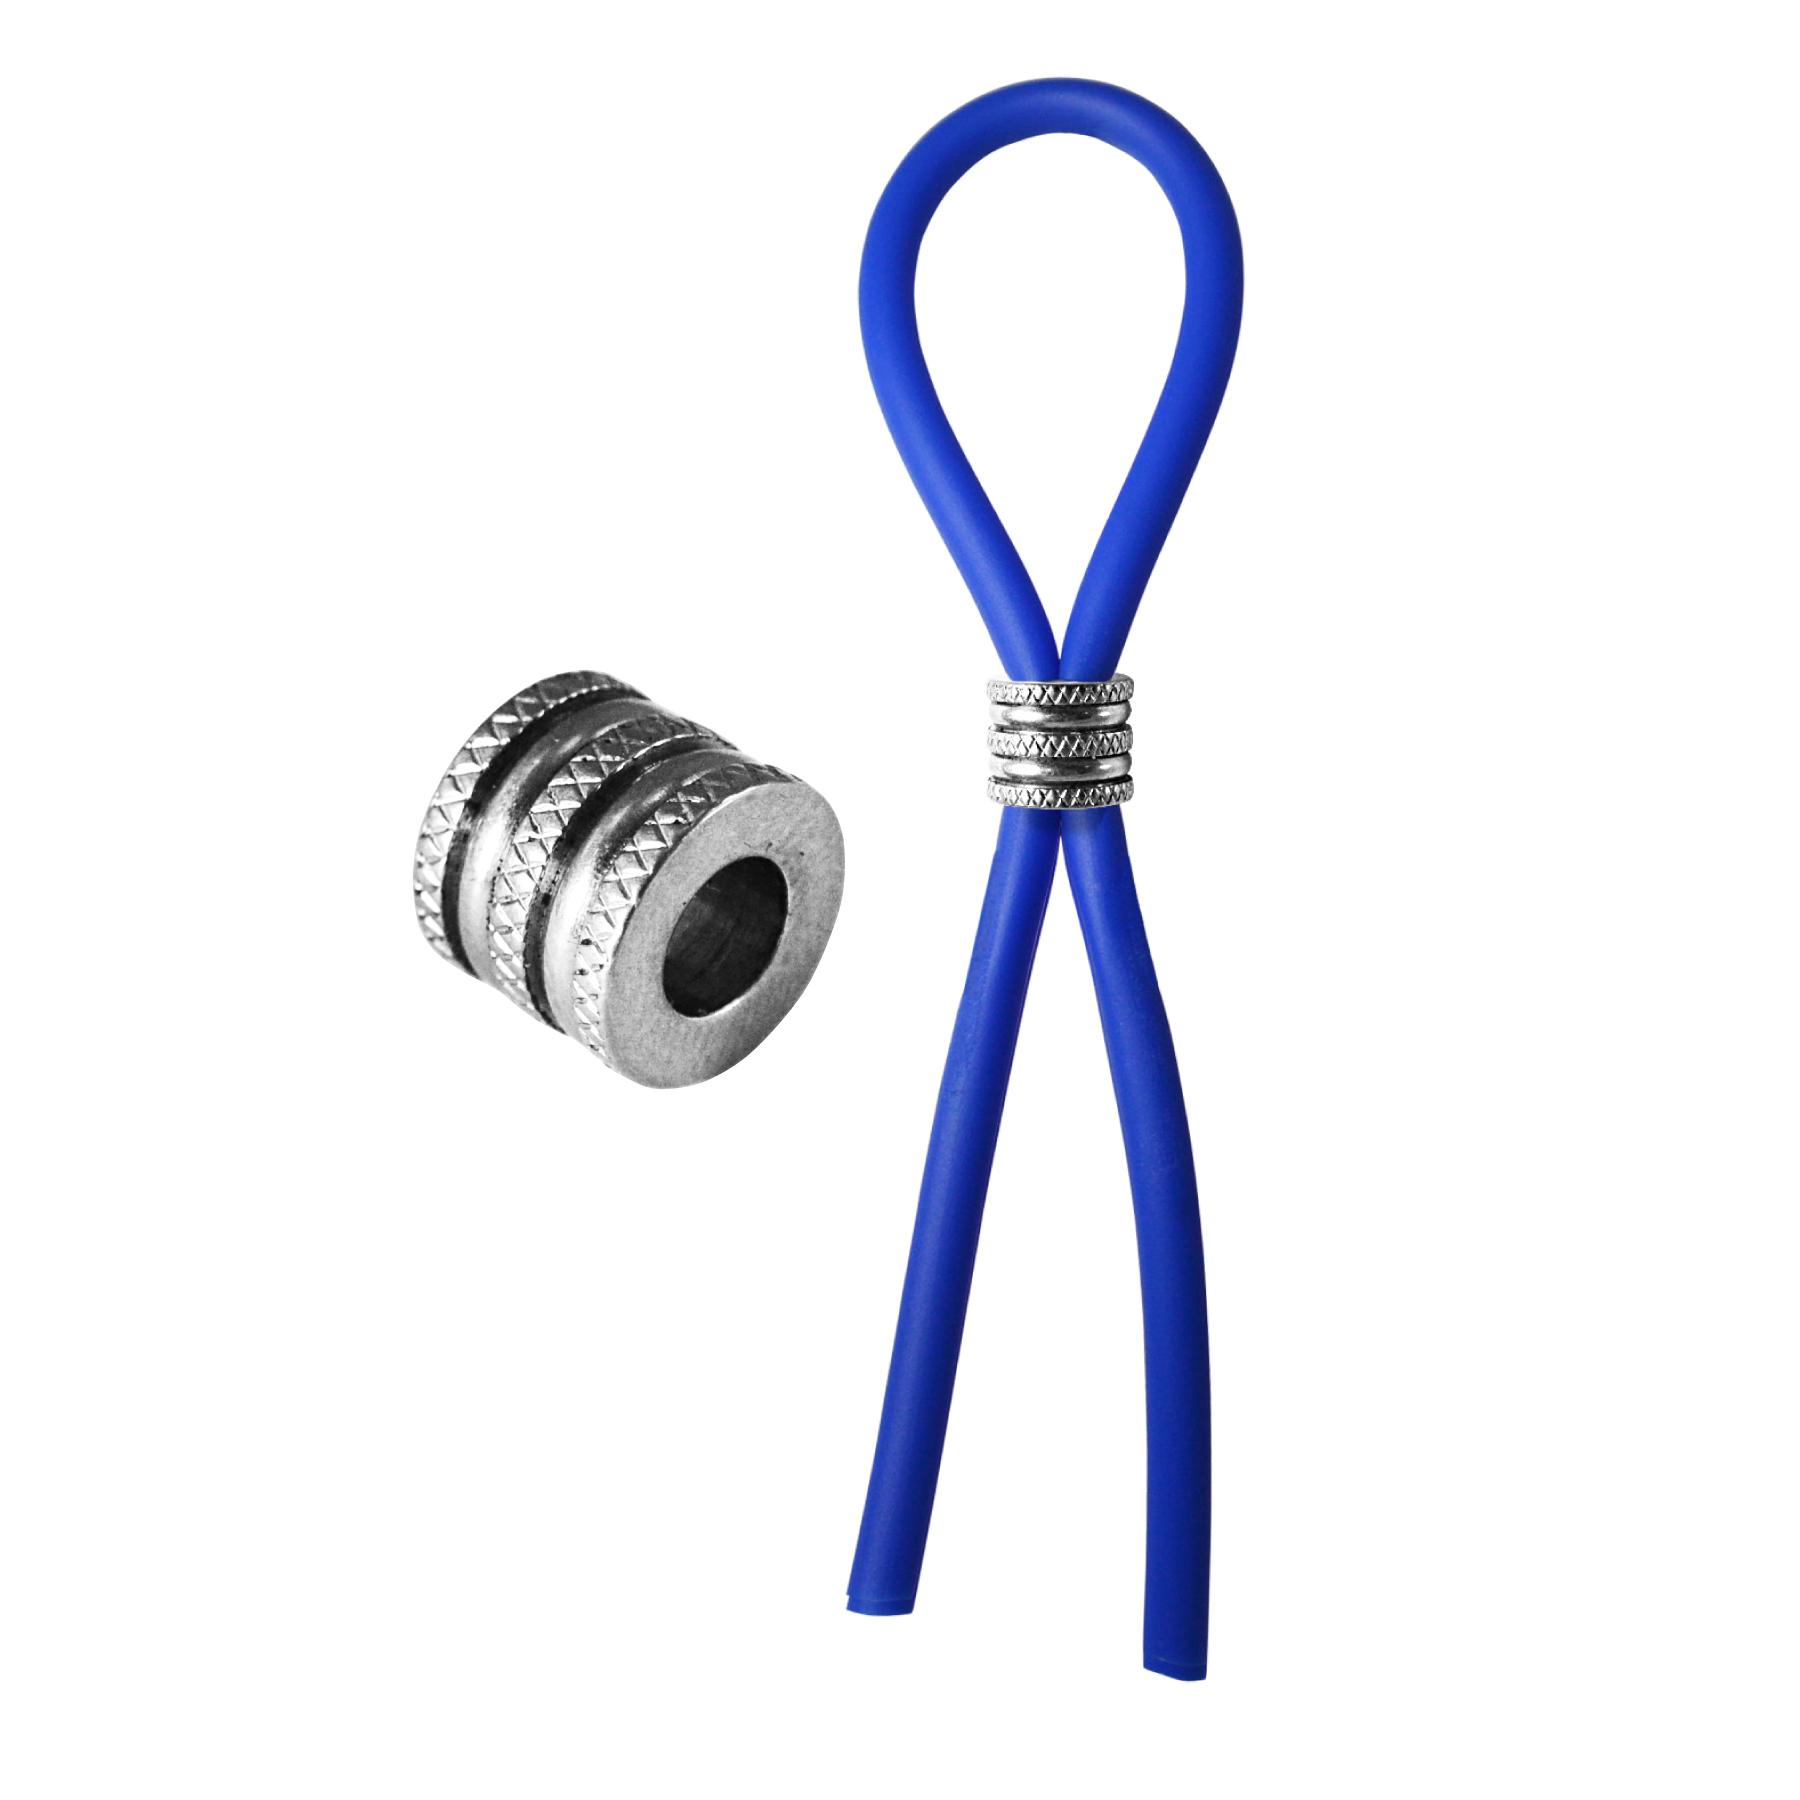 C-RING LASSO CRISS CROSS CAP SILICONE - BLUE - PHSBOL020BLU